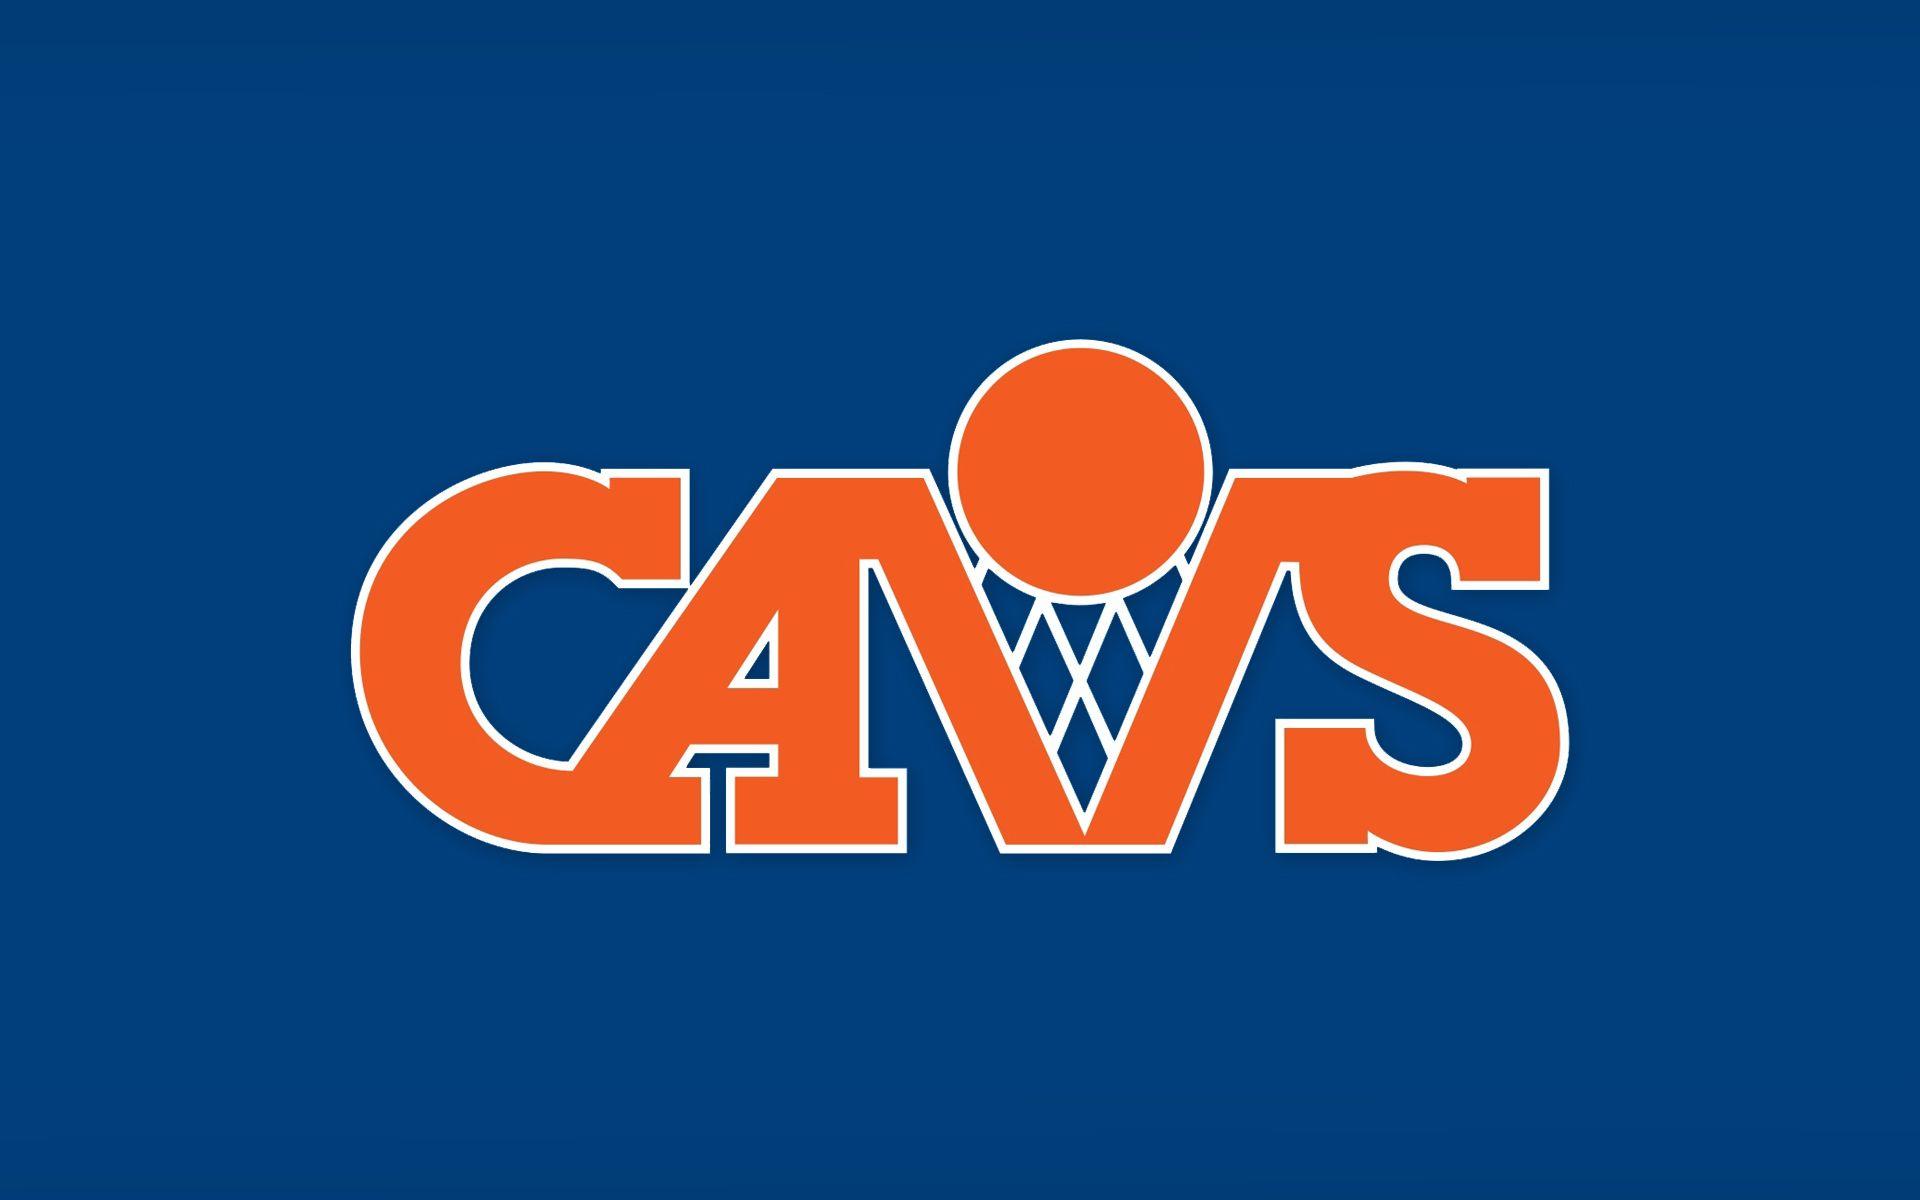 CLEVELAND CAVALIERS nba basketball 15 wallpaper 1920x1200 227541 1920x1200